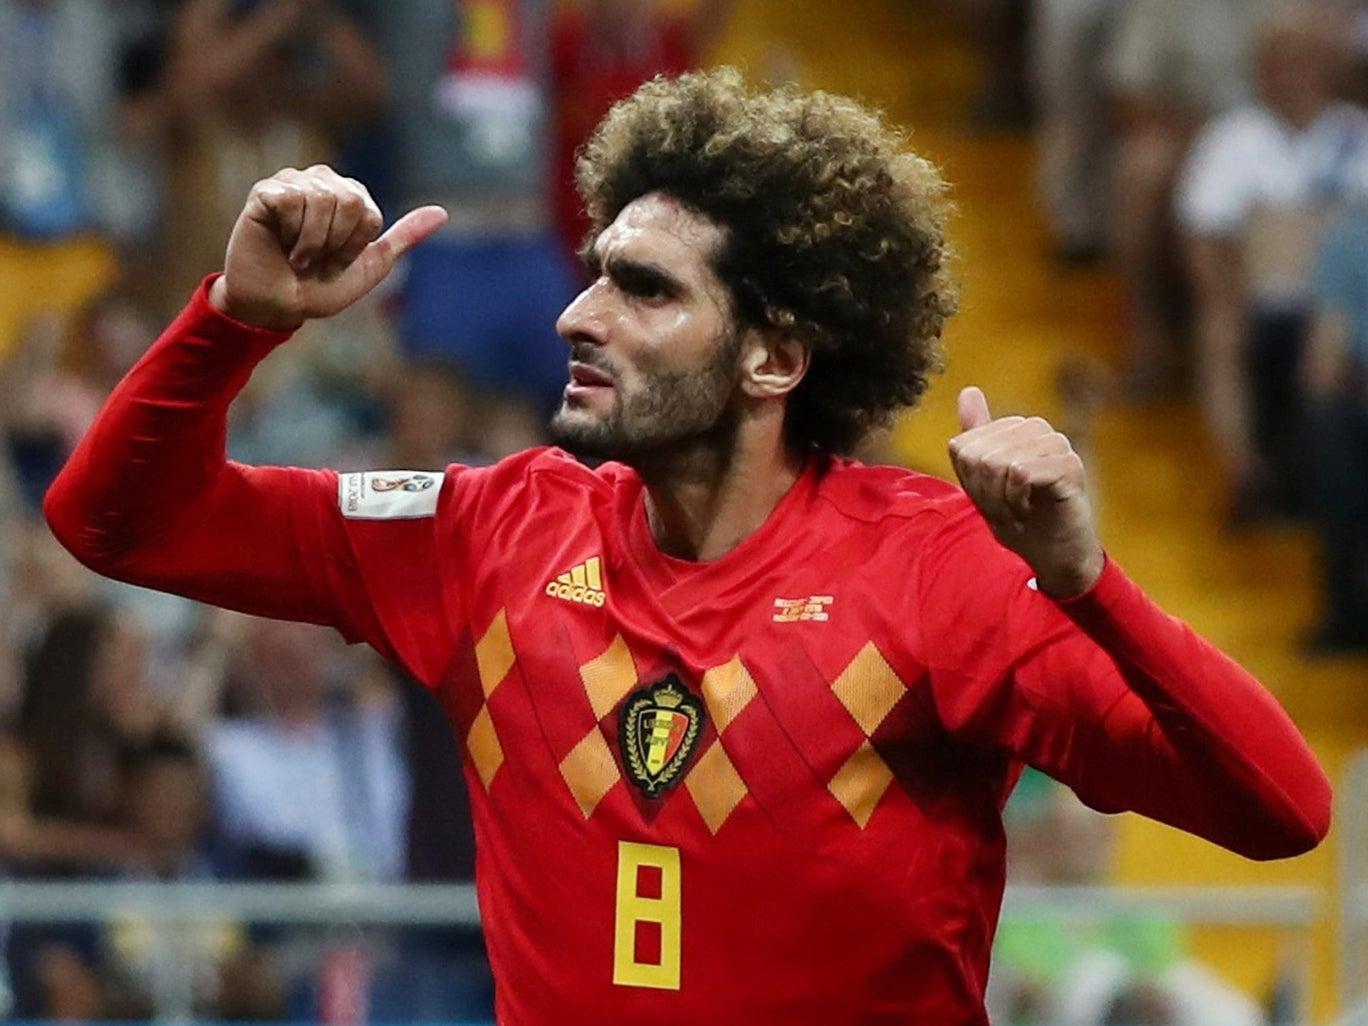 Чи буде Тьєррі Анрі співати Марсельєзу? Огляд ЗМІ перед матчем Франція - Бельгія - изображение 2